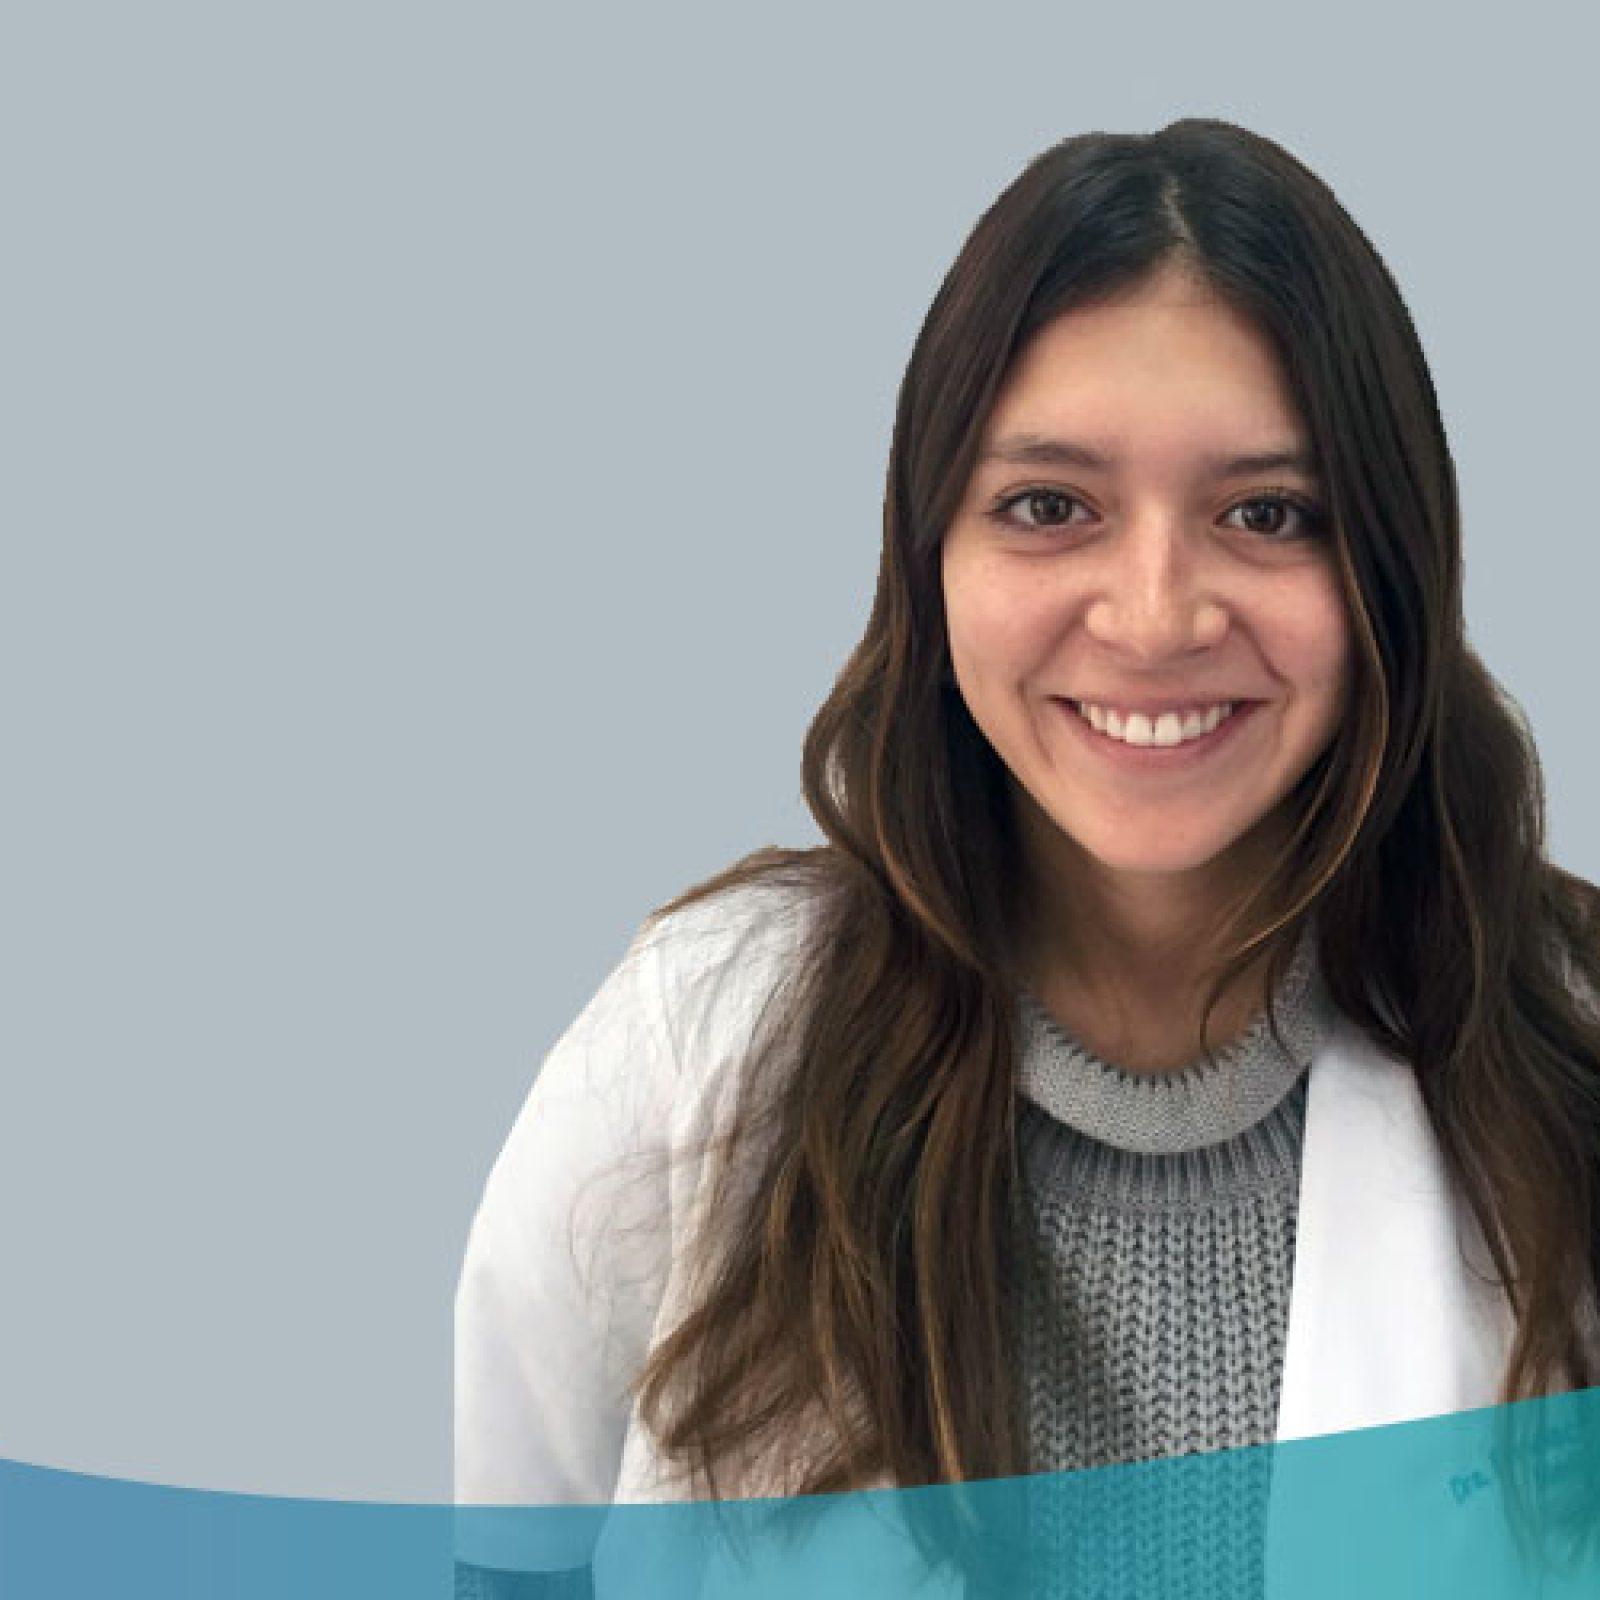 Francisca-Vargas-Ramirez